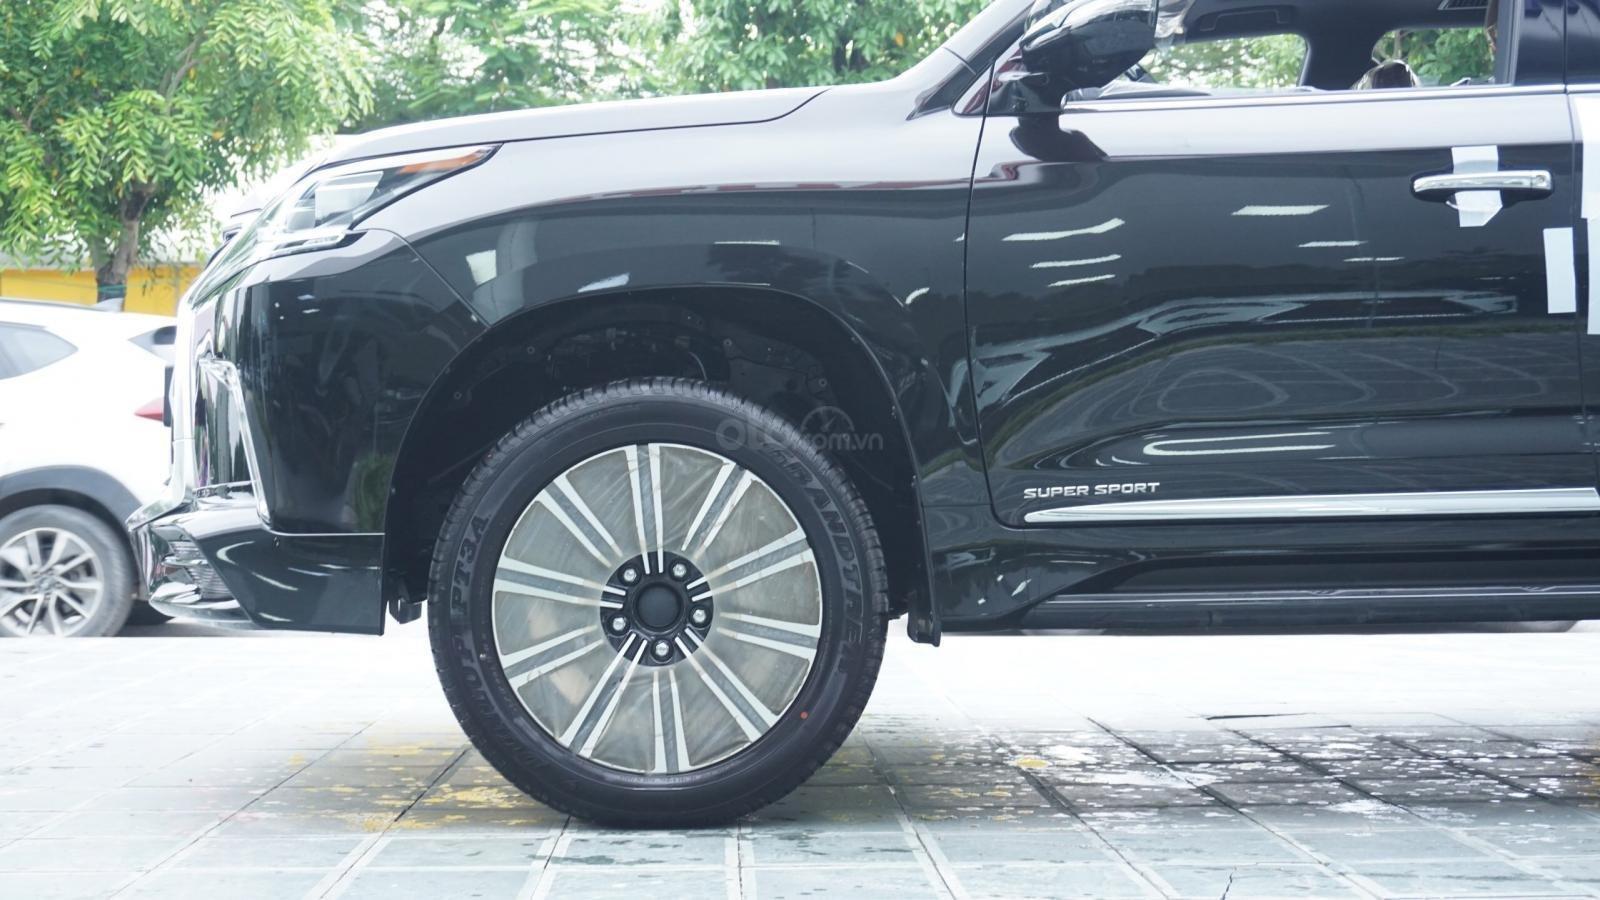 Cần bán xe Lexus LX570 Super Sport 2019 nhập Trung Đông, ngân hàng hỗ trợ 80%, LH Em Lộc: 093.798.2266 (6)